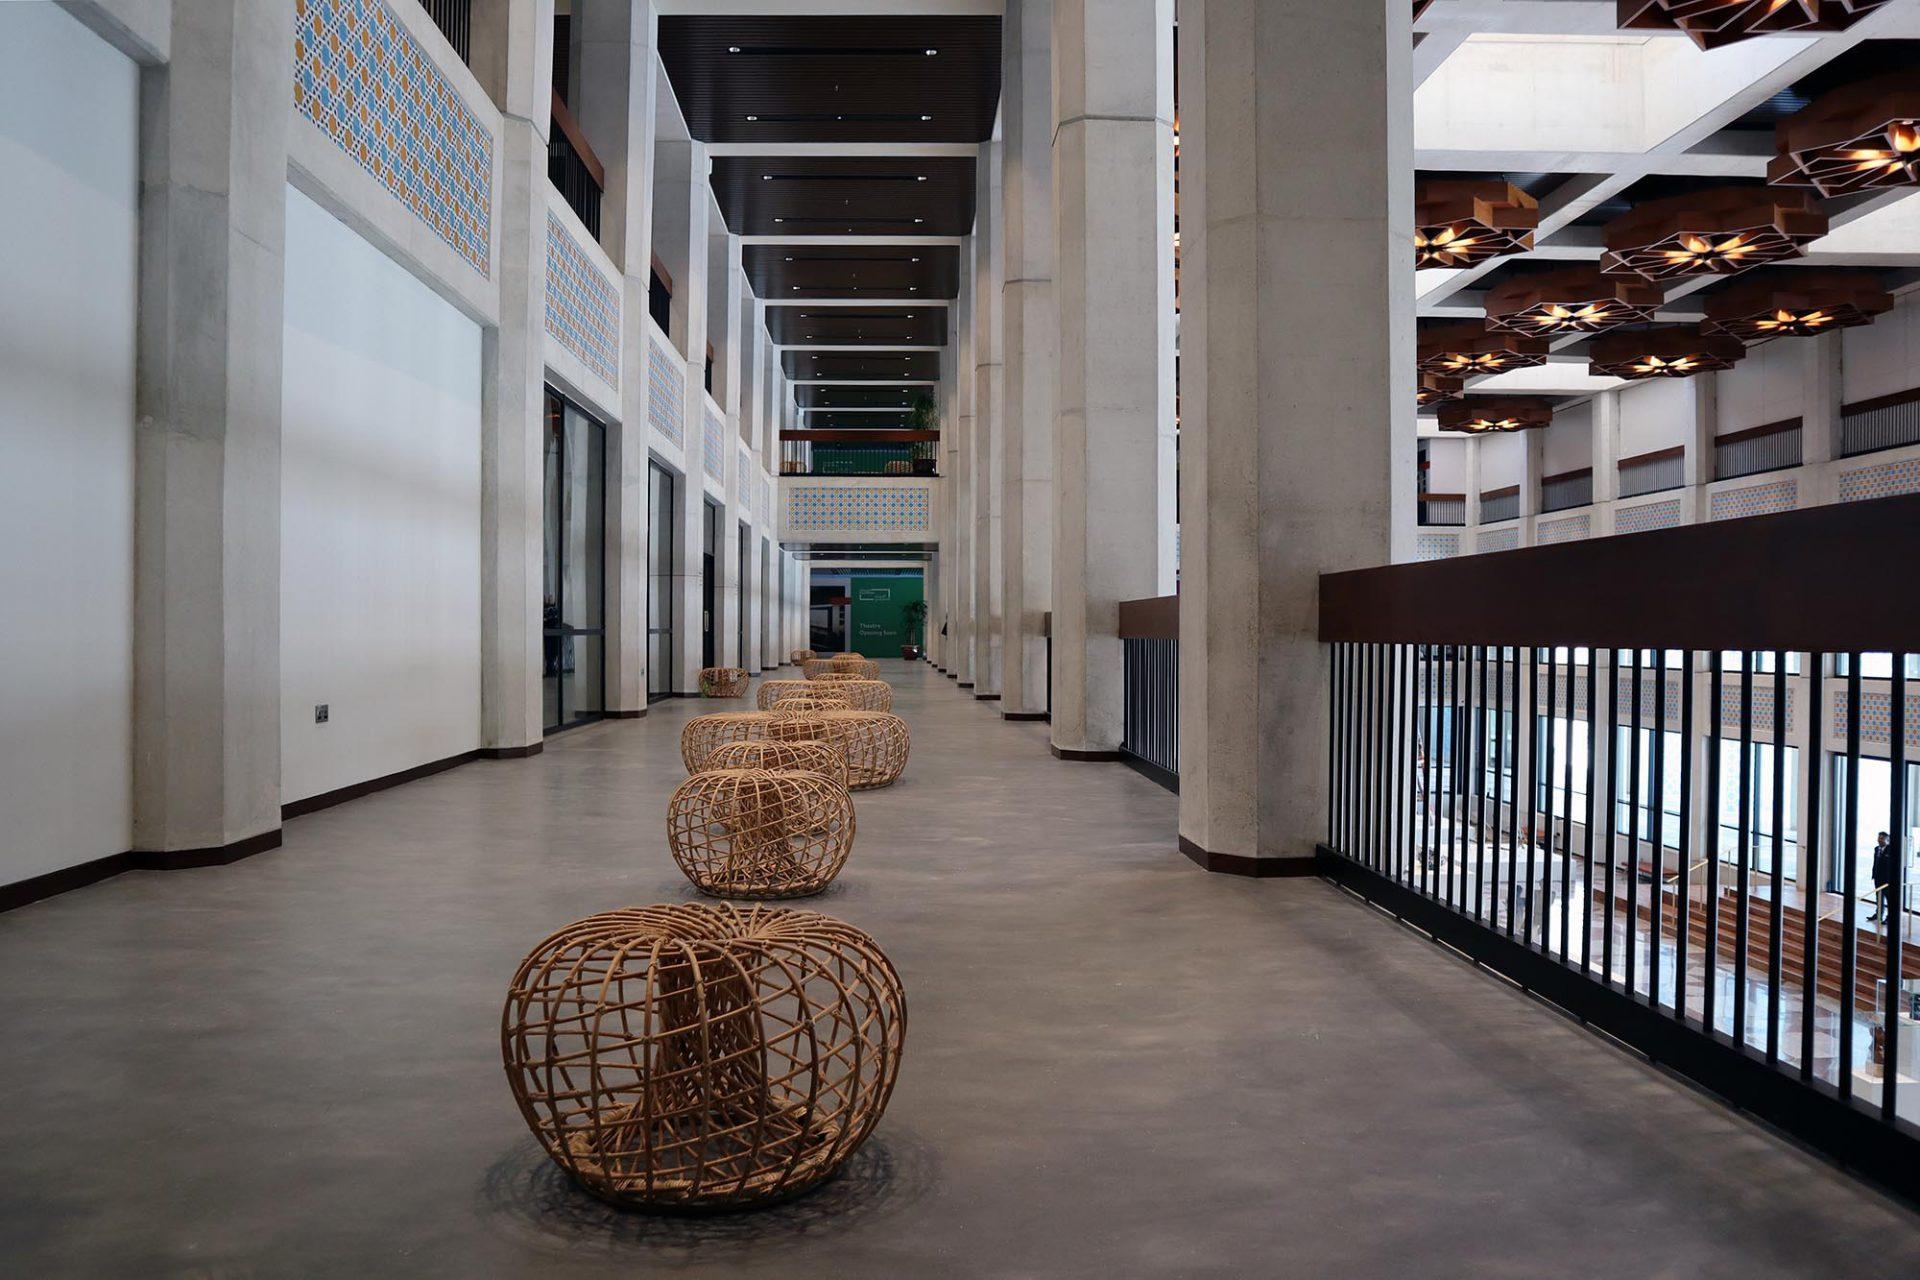 Cultural Foundation. Neben den Ausstellungsflächen und Künstlerateliers eröffnen im Laufe des Jahres noch ein Kino und eine Kinderbibliothek.